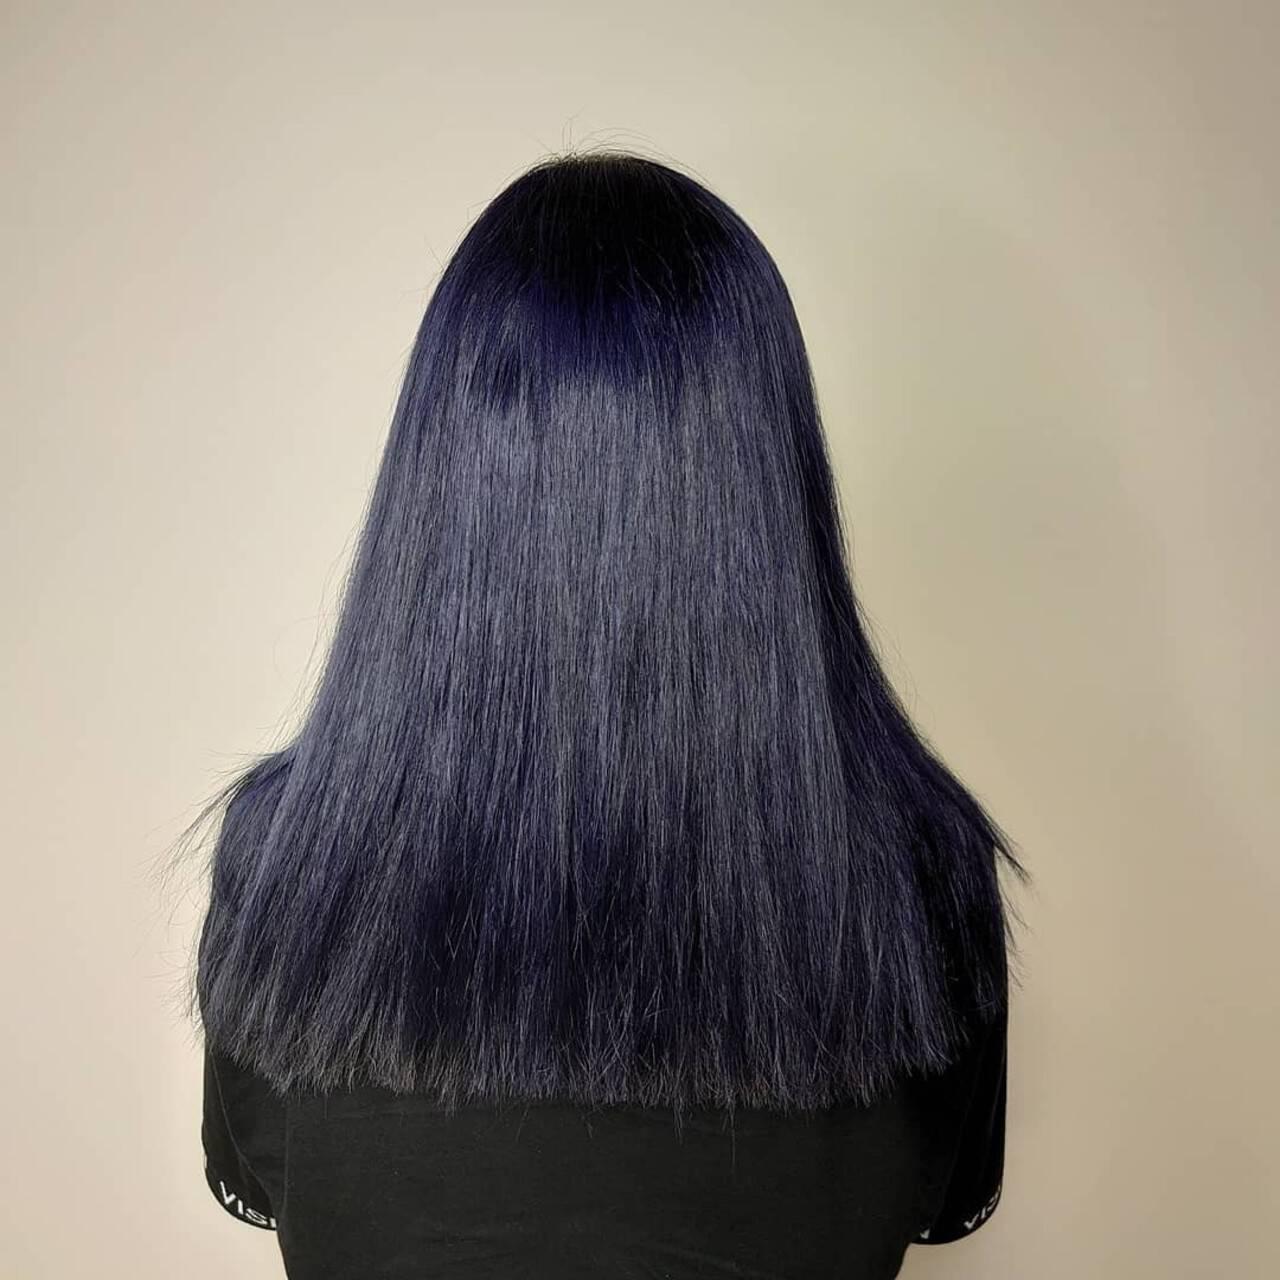 ネイビーカラー ブリーチカラー ネイビー ツヤ髪ヘアスタイルや髪型の写真・画像